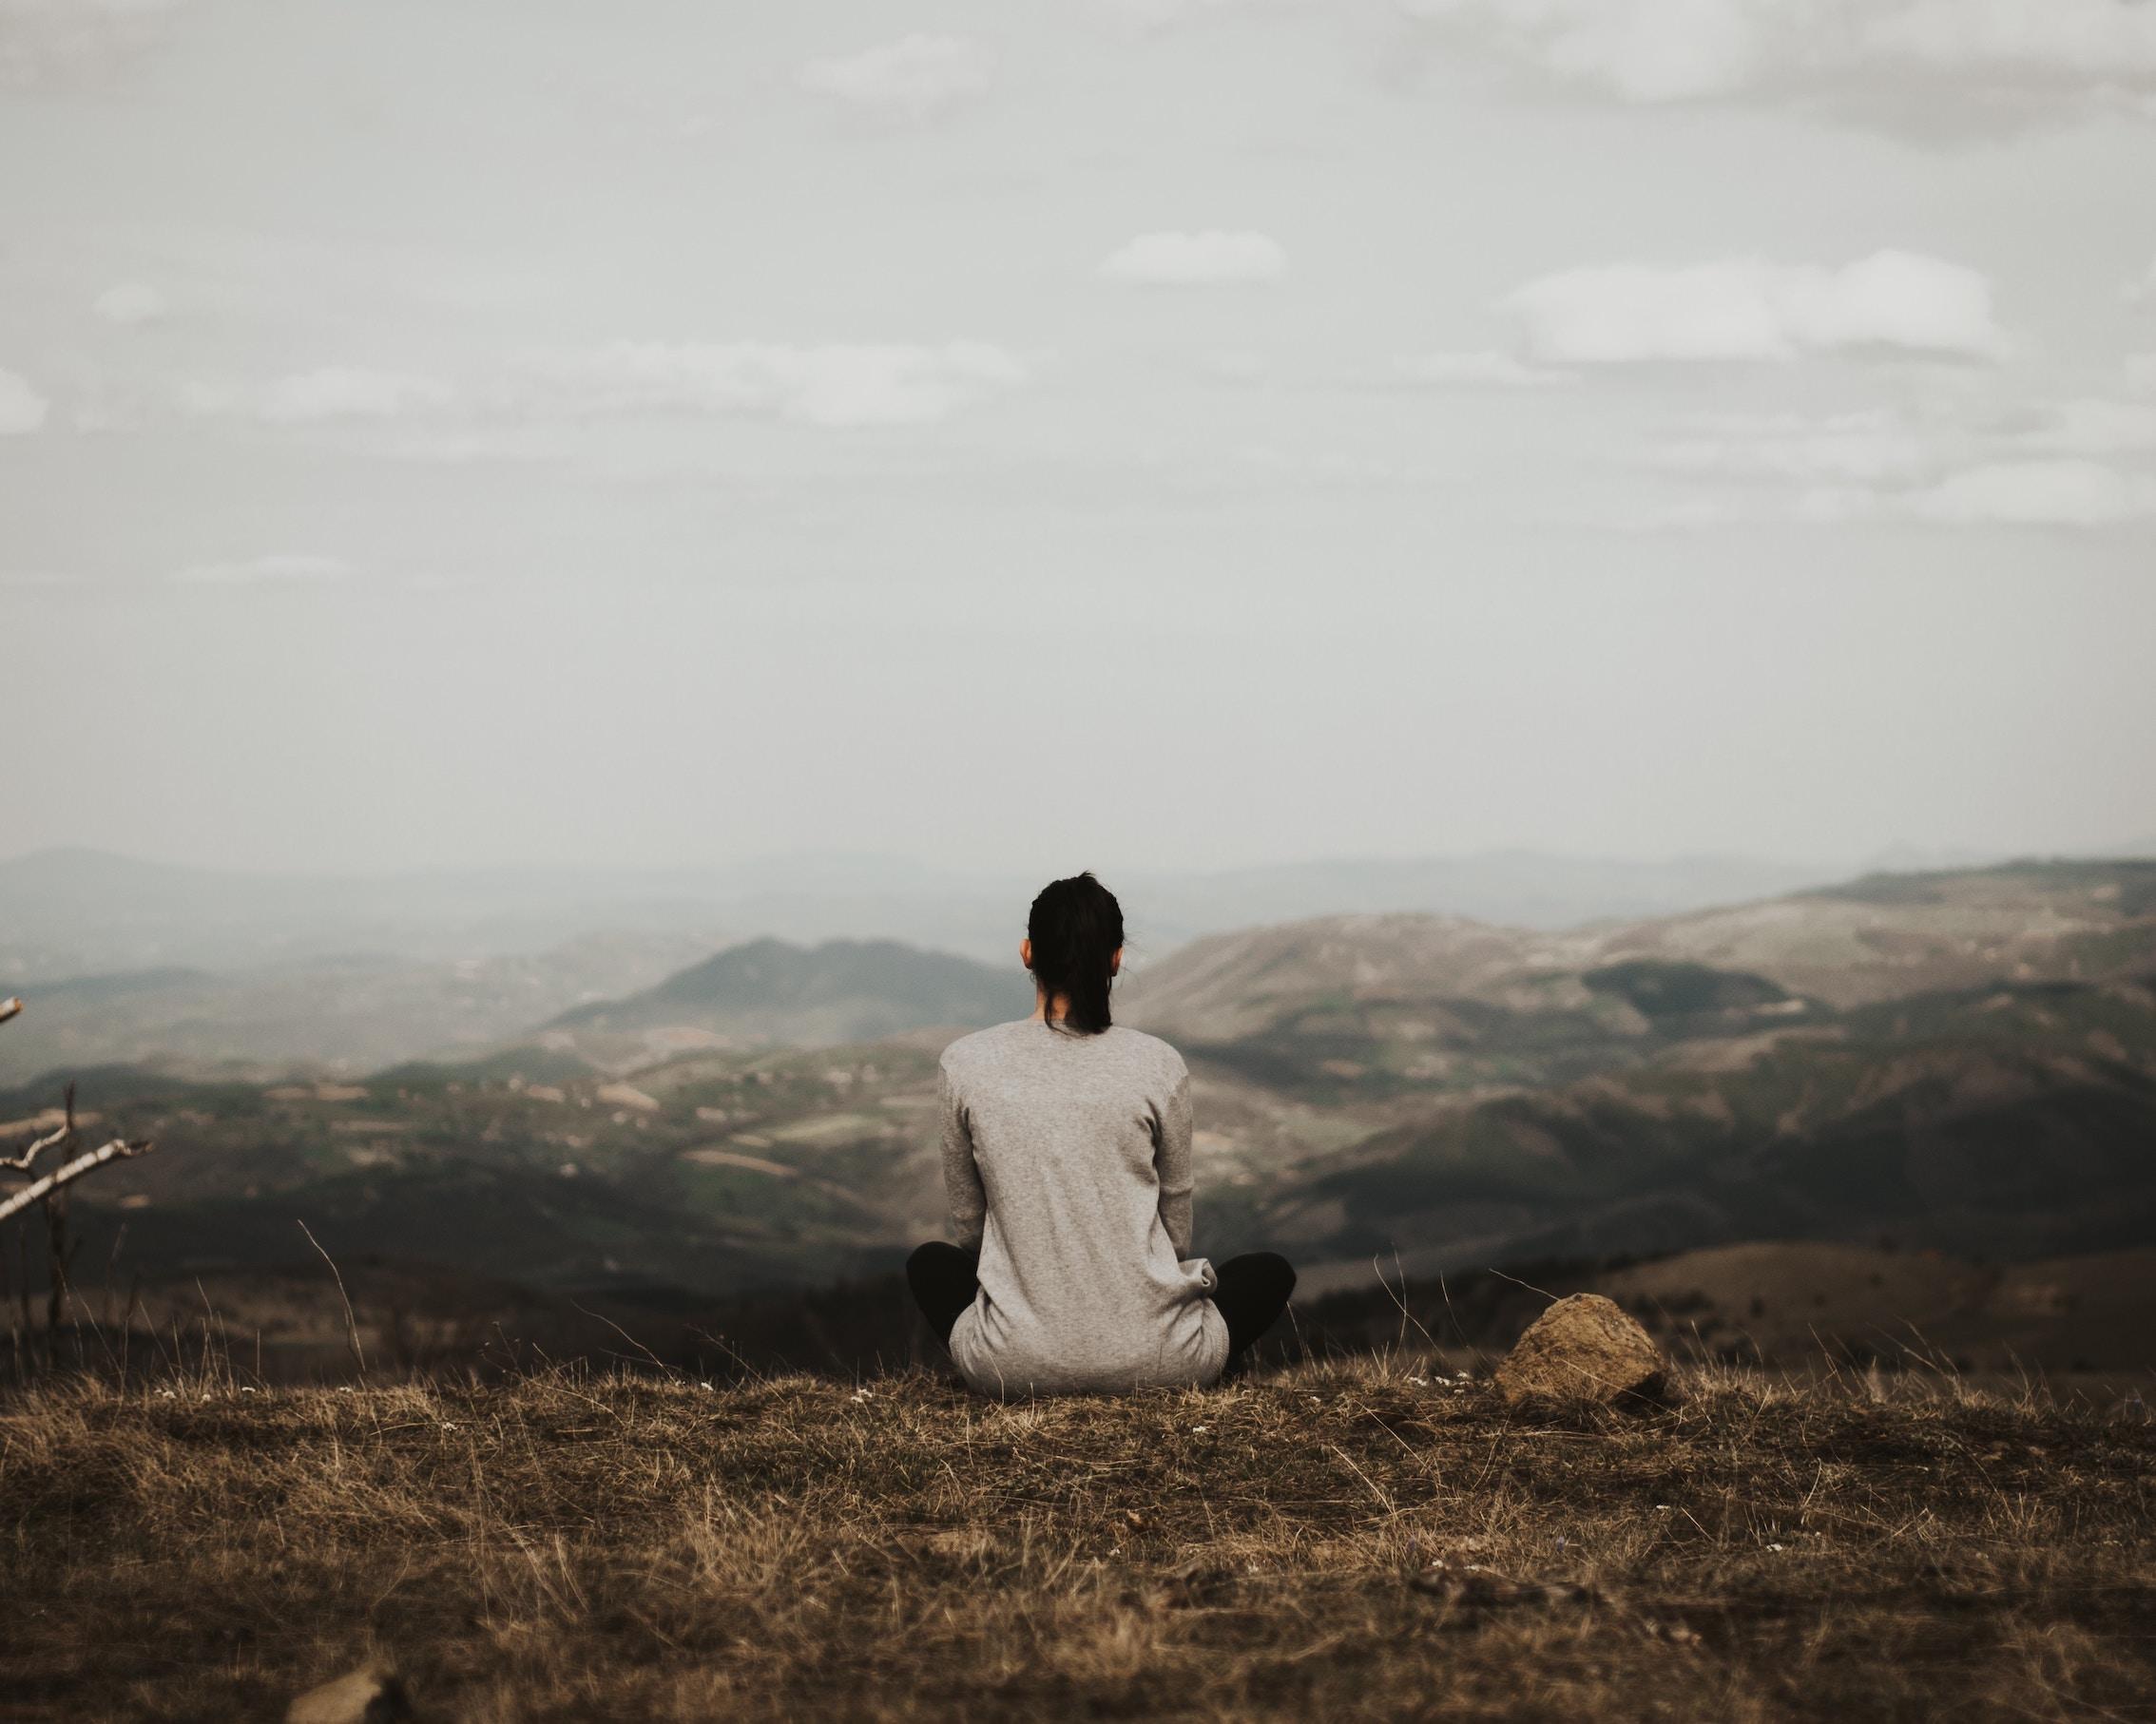 Blick auf einen Gebirgszug im Hintergrund, im Vordergrund die Rückansicht einer aufrecht sitzenden Frau.